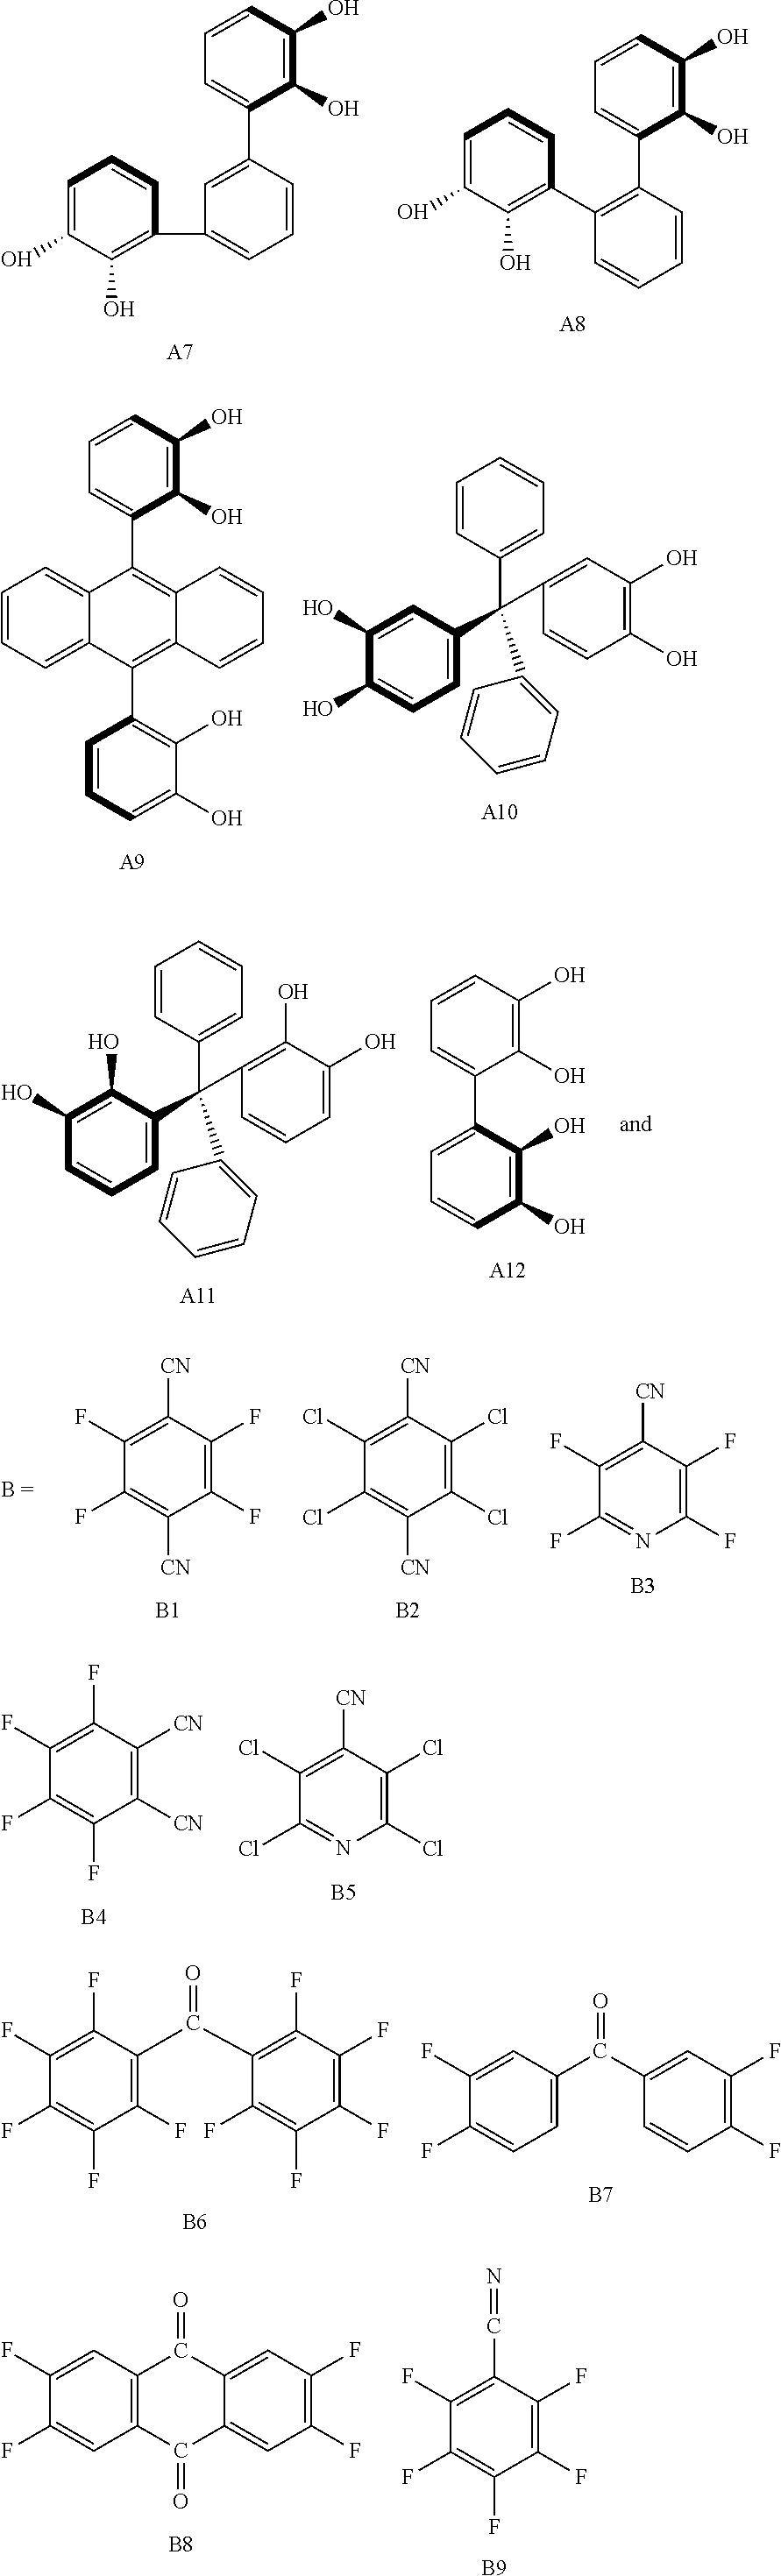 Figure US09522364-20161220-C00010